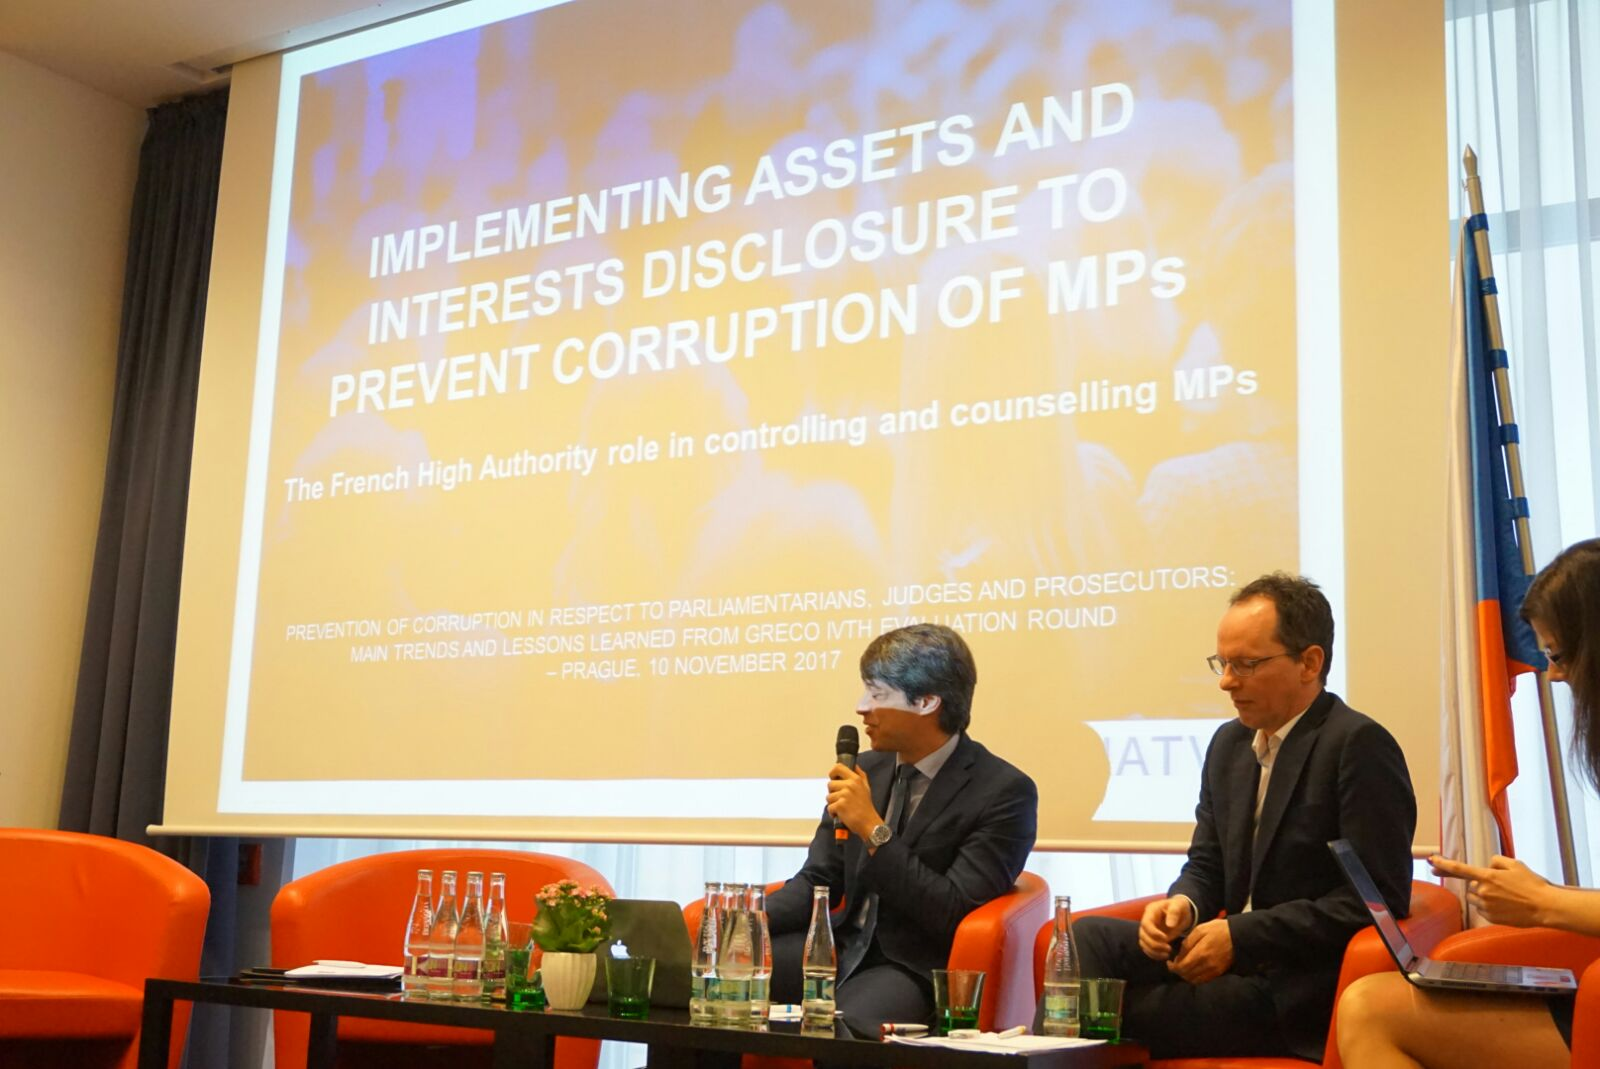 La Haute Autorité, invitée du GRECO à Prague pour une conférence sur la lutte anticorruption